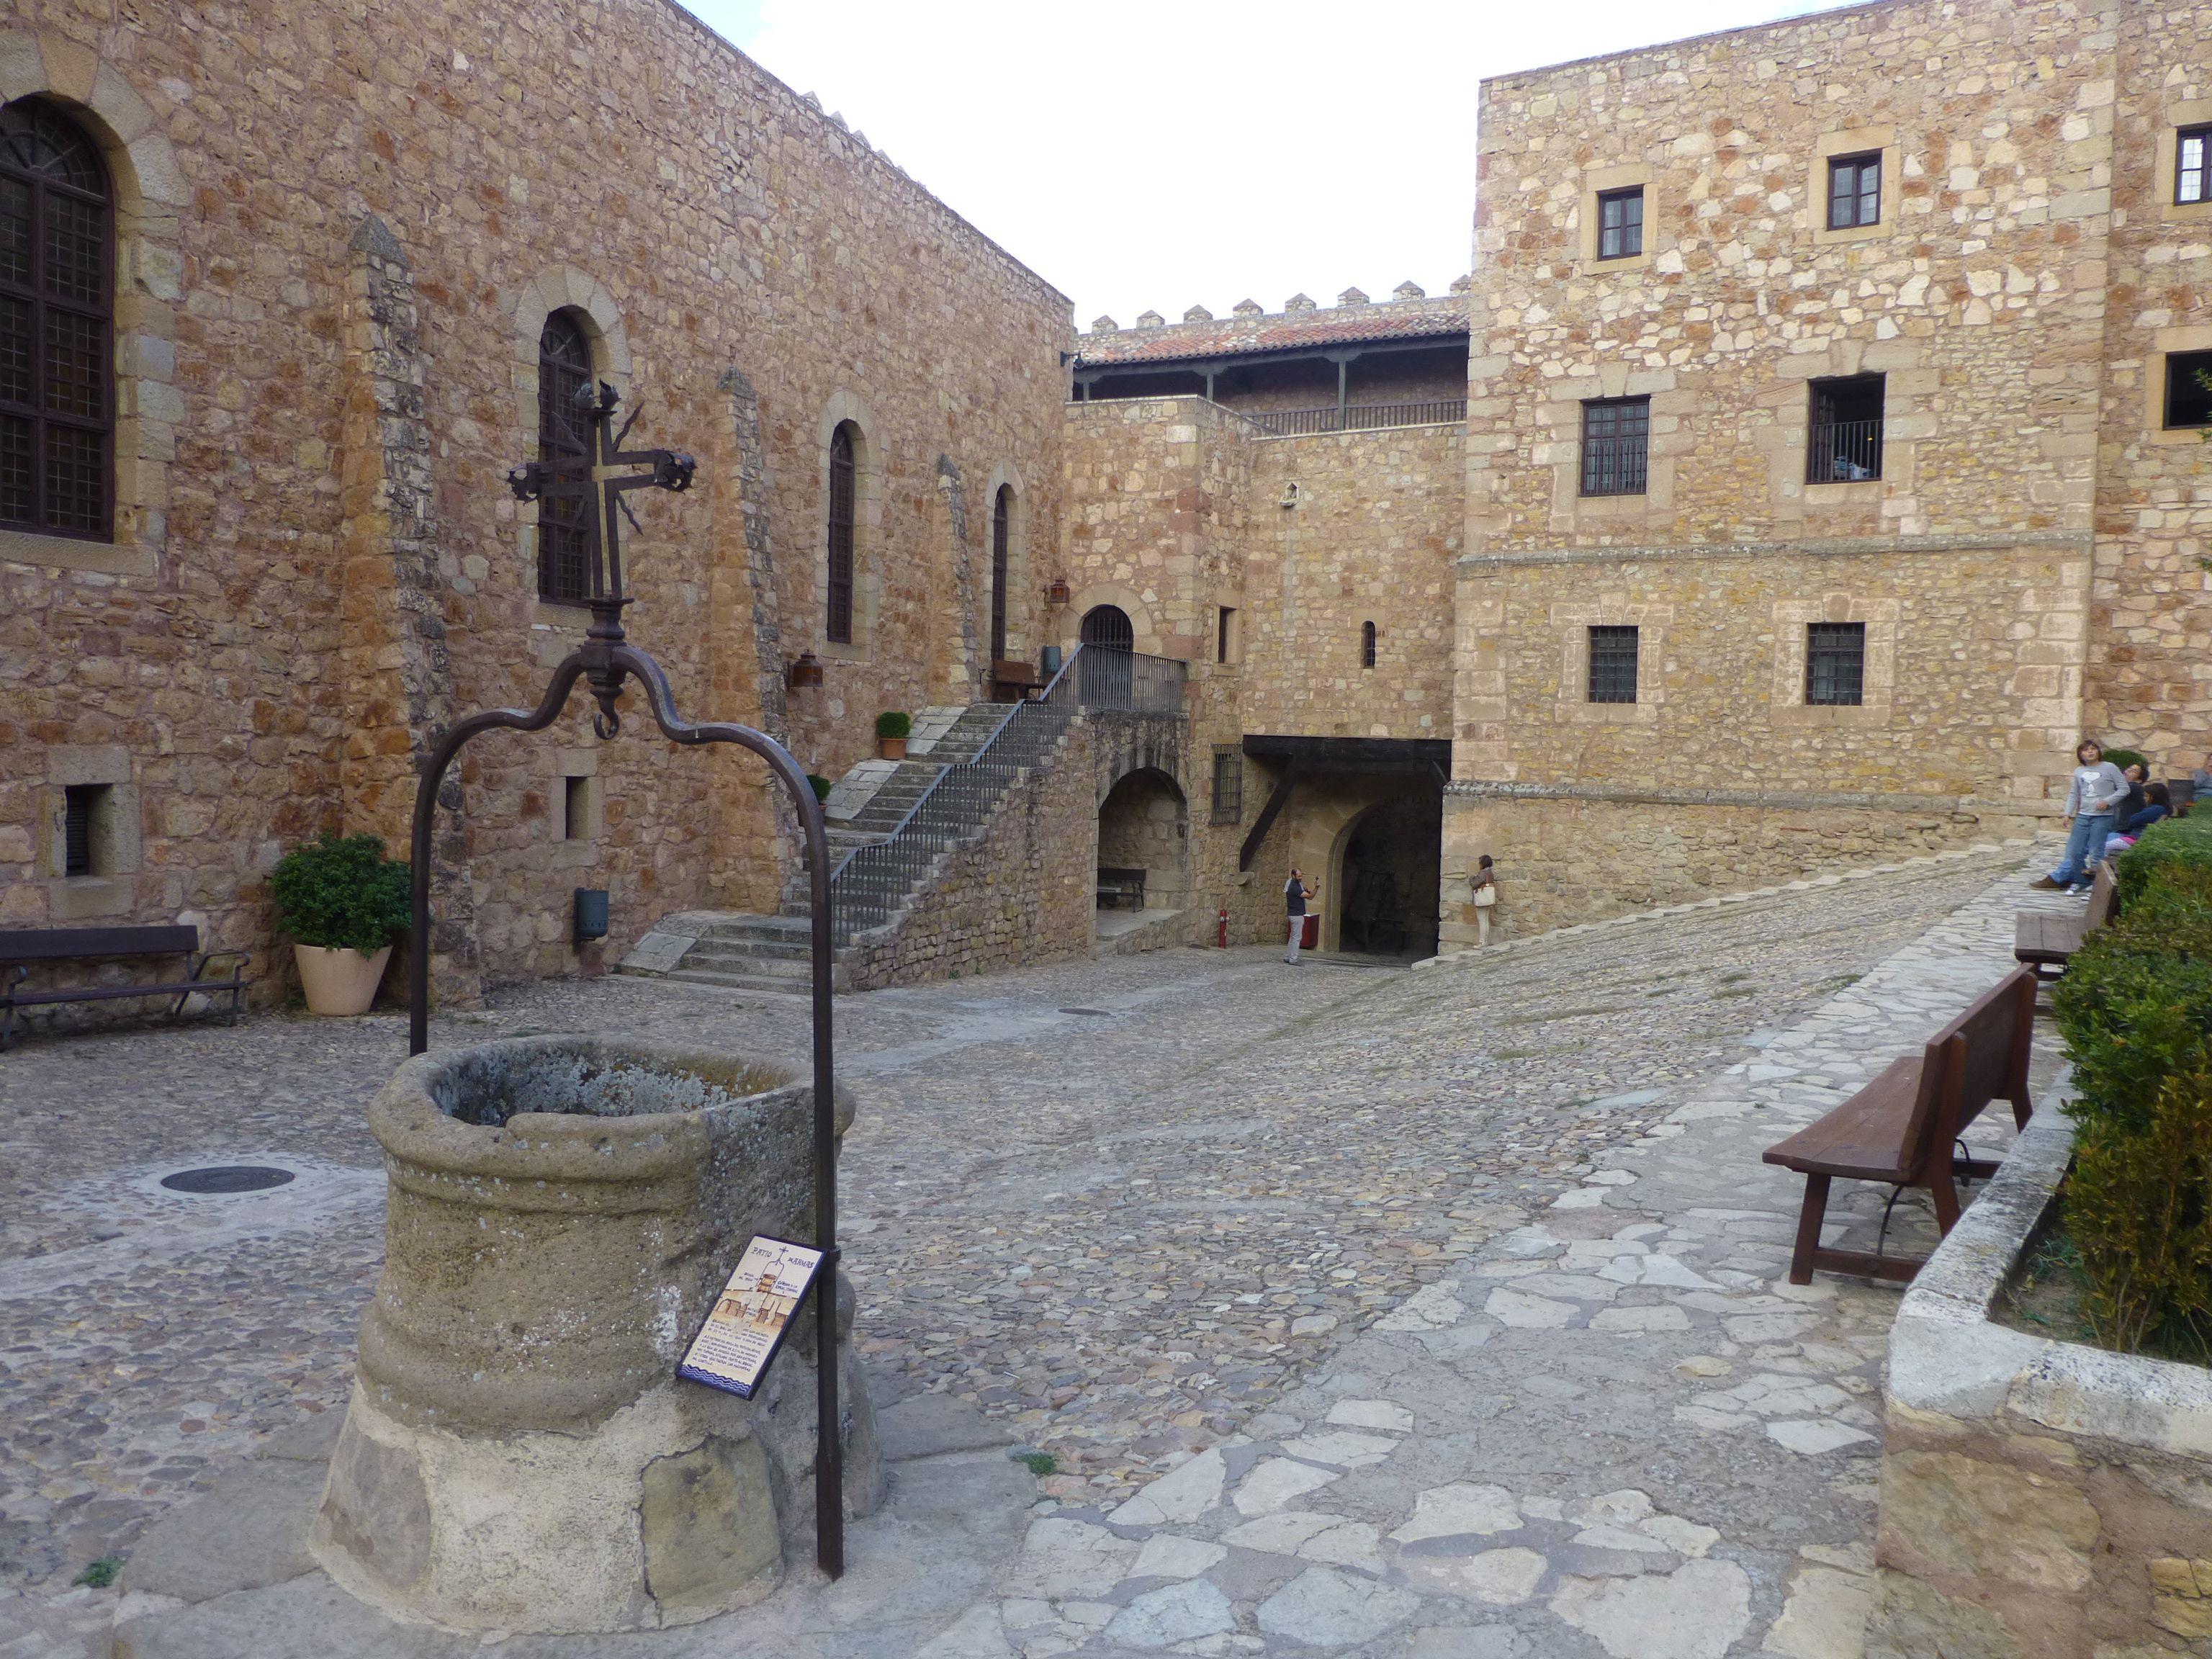 Qué Ver En El Mundo Castillo De Sigüenza Castillos Pueblos De España Ciudad Medieval